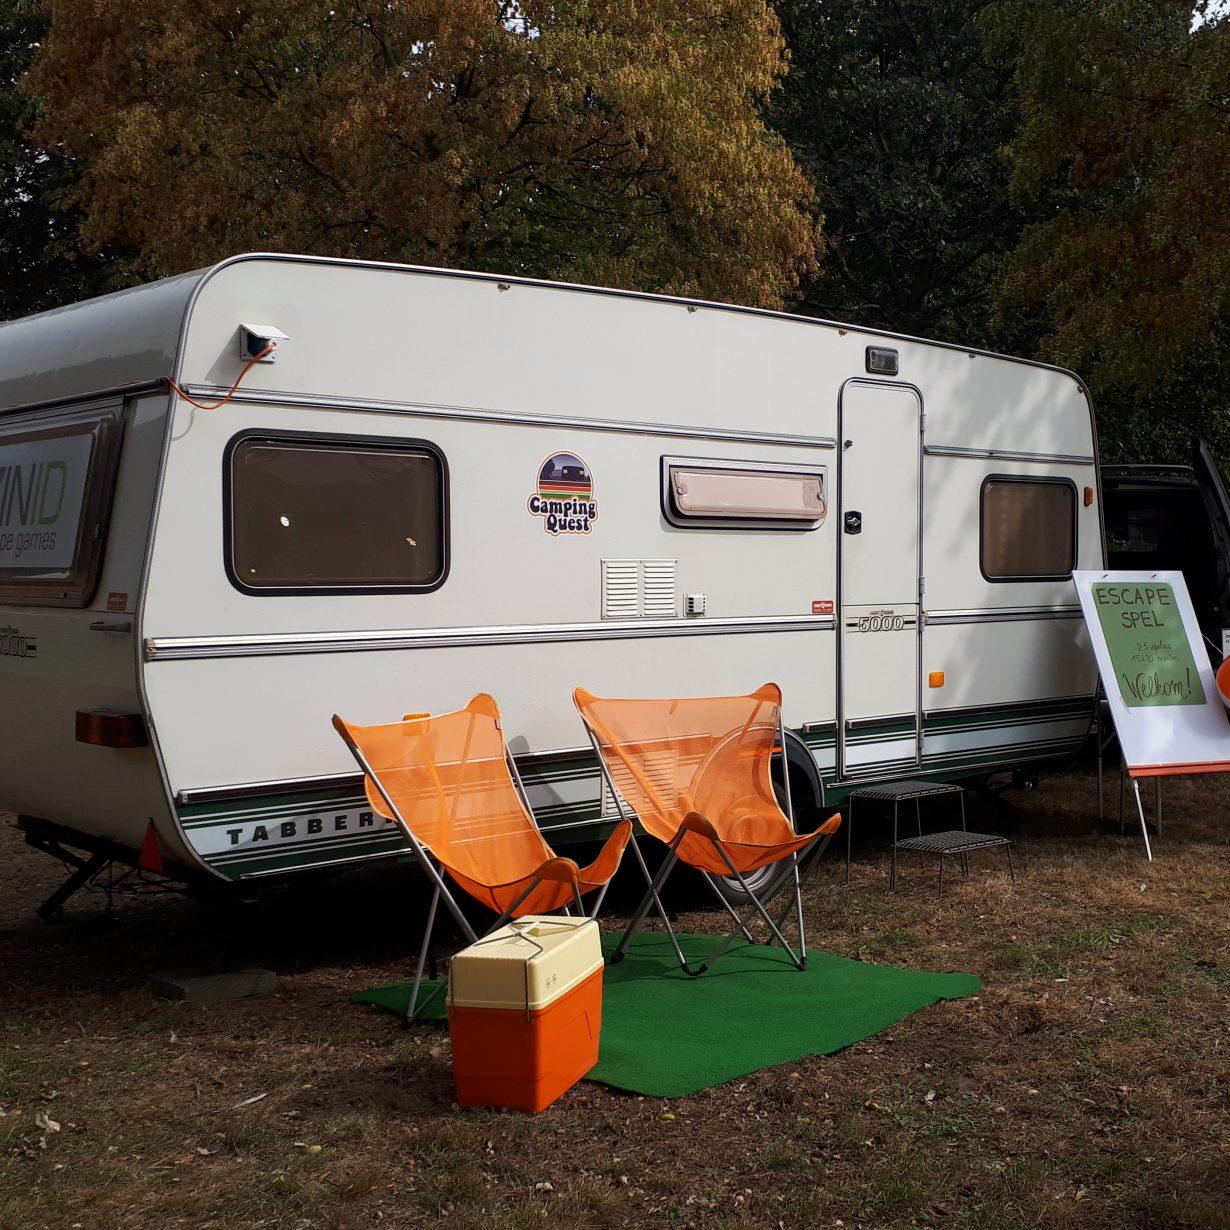 Camping Quest is mobiel! Dit escape spel komt naar de locatie van jouw keuze.